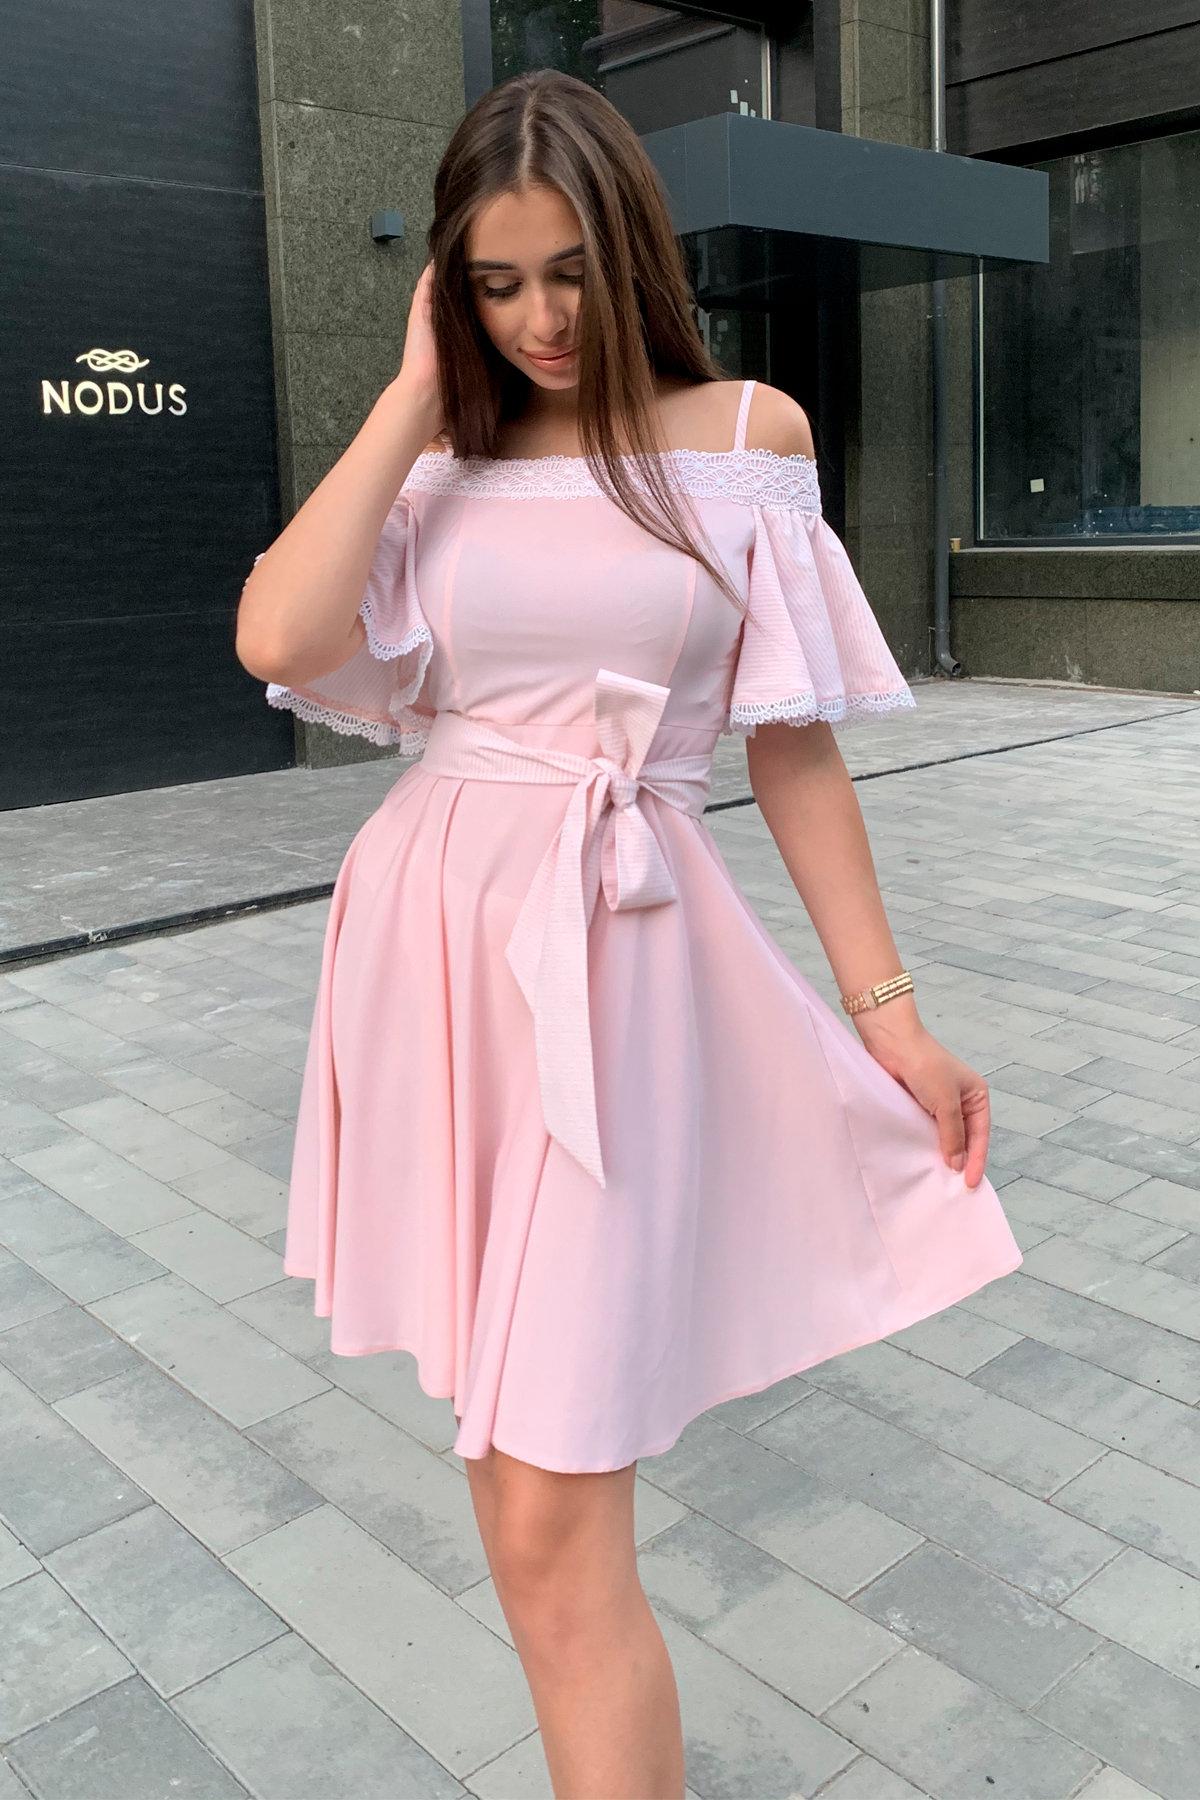 Платье Виолетта 4984 АРТ. 36124 Цвет: Пудра/молоко полоска 1 - фото 9, интернет магазин tm-modus.ru